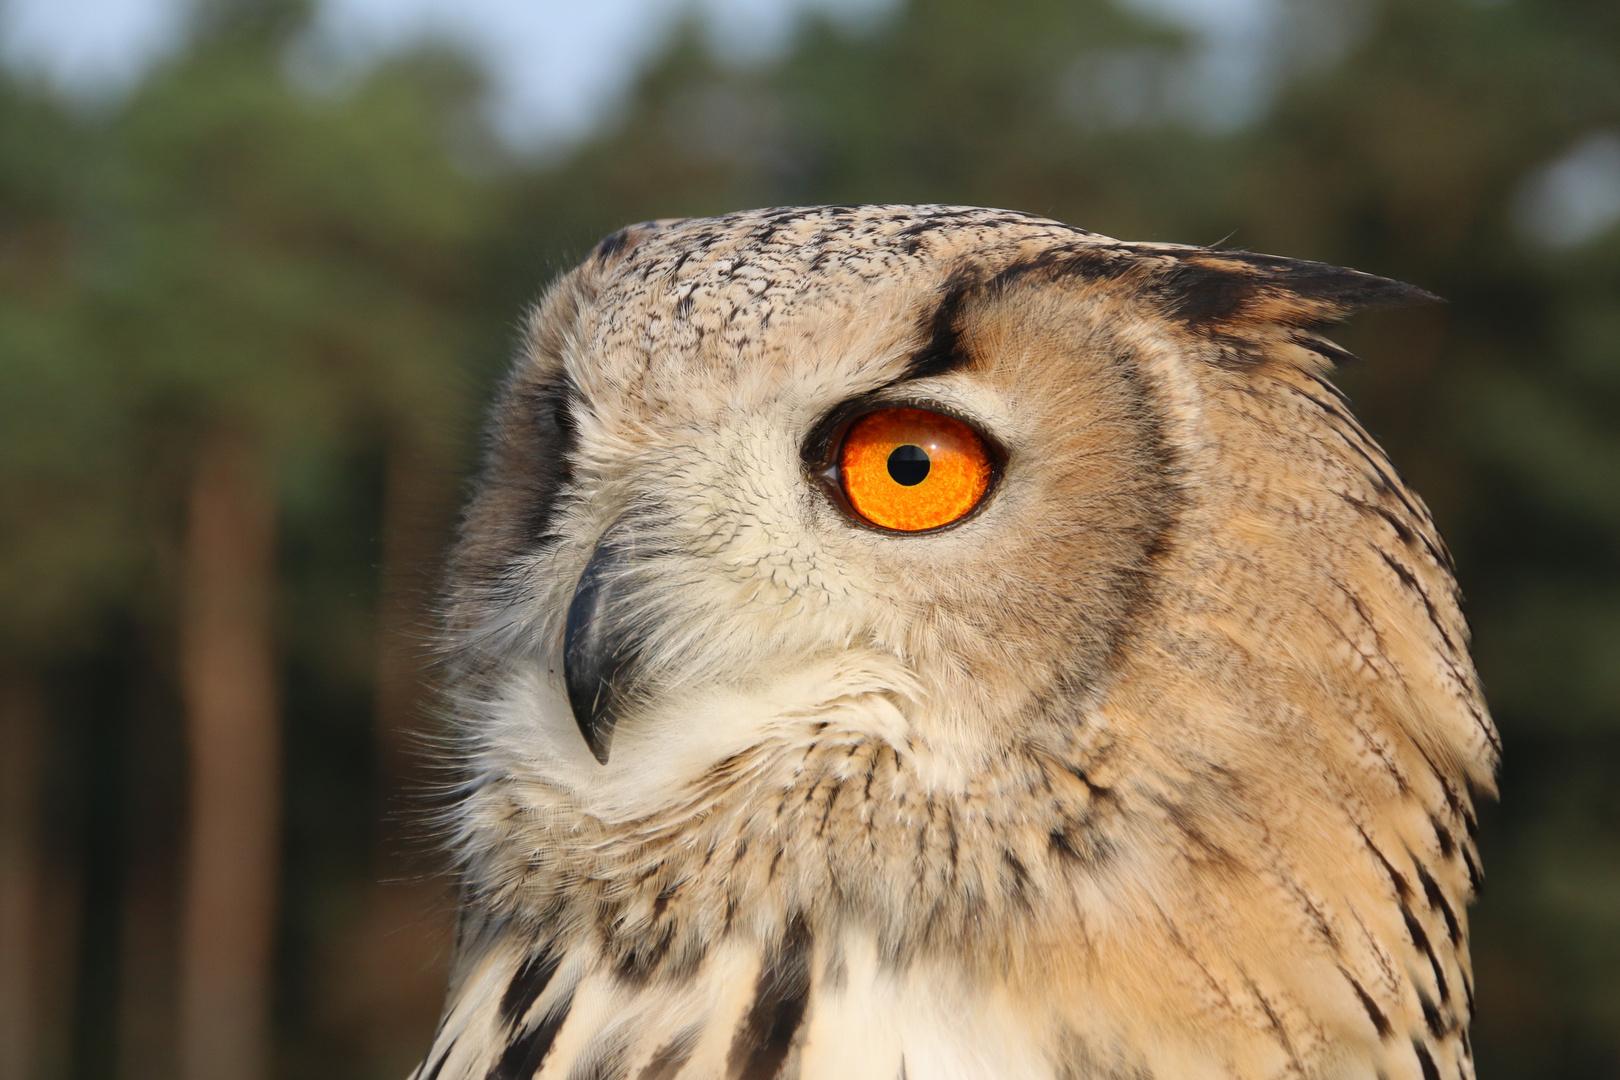 der 2. Augen - Blick